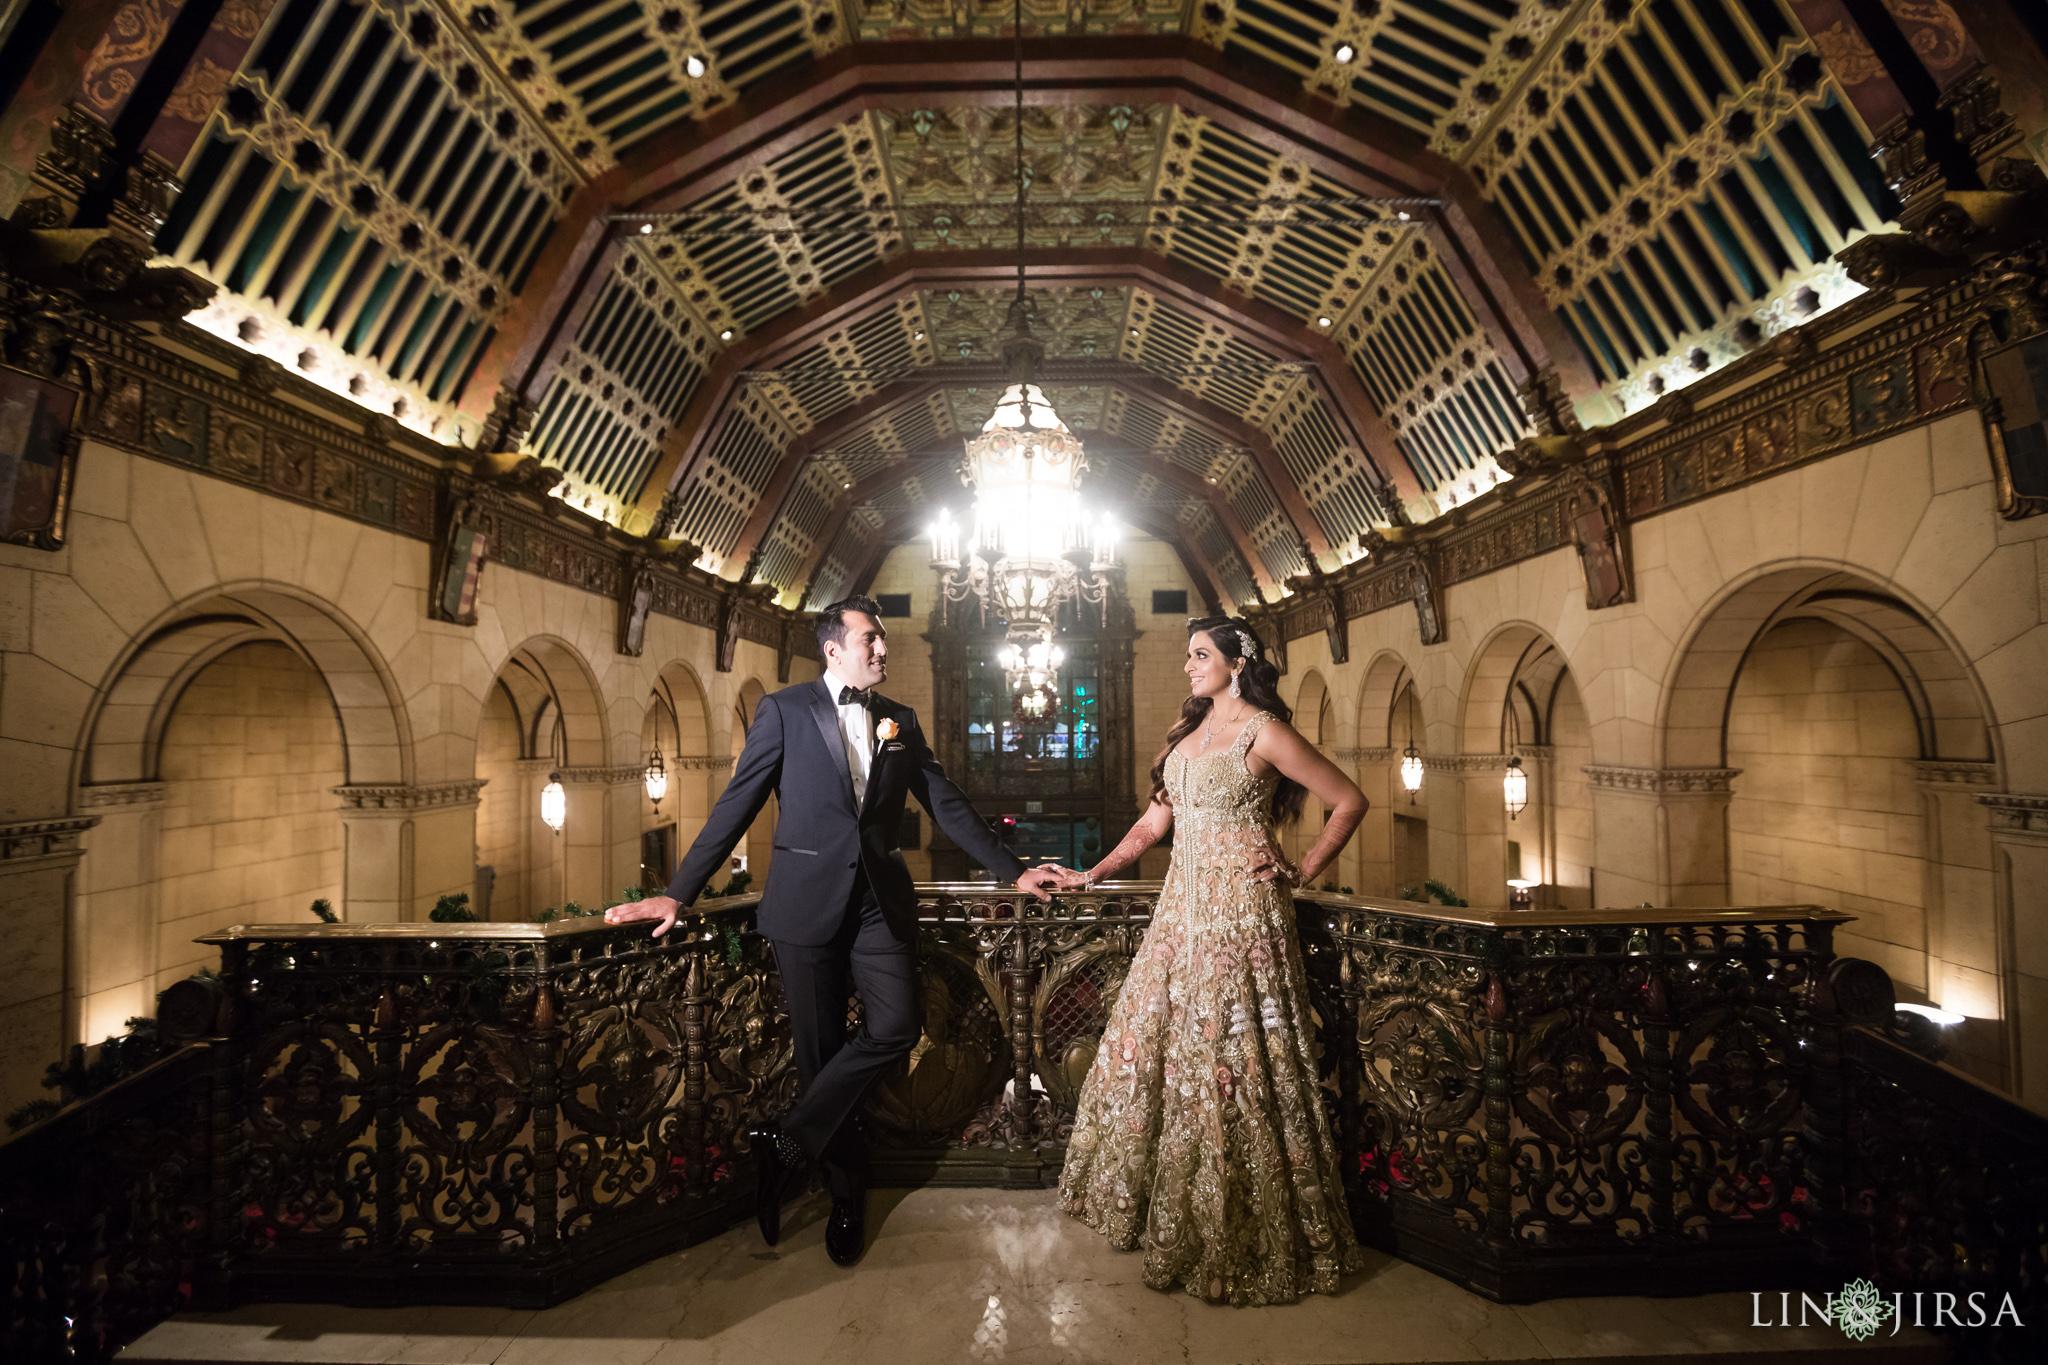 10-biltmore-hotel-los-angeles-wedding-reception-photography